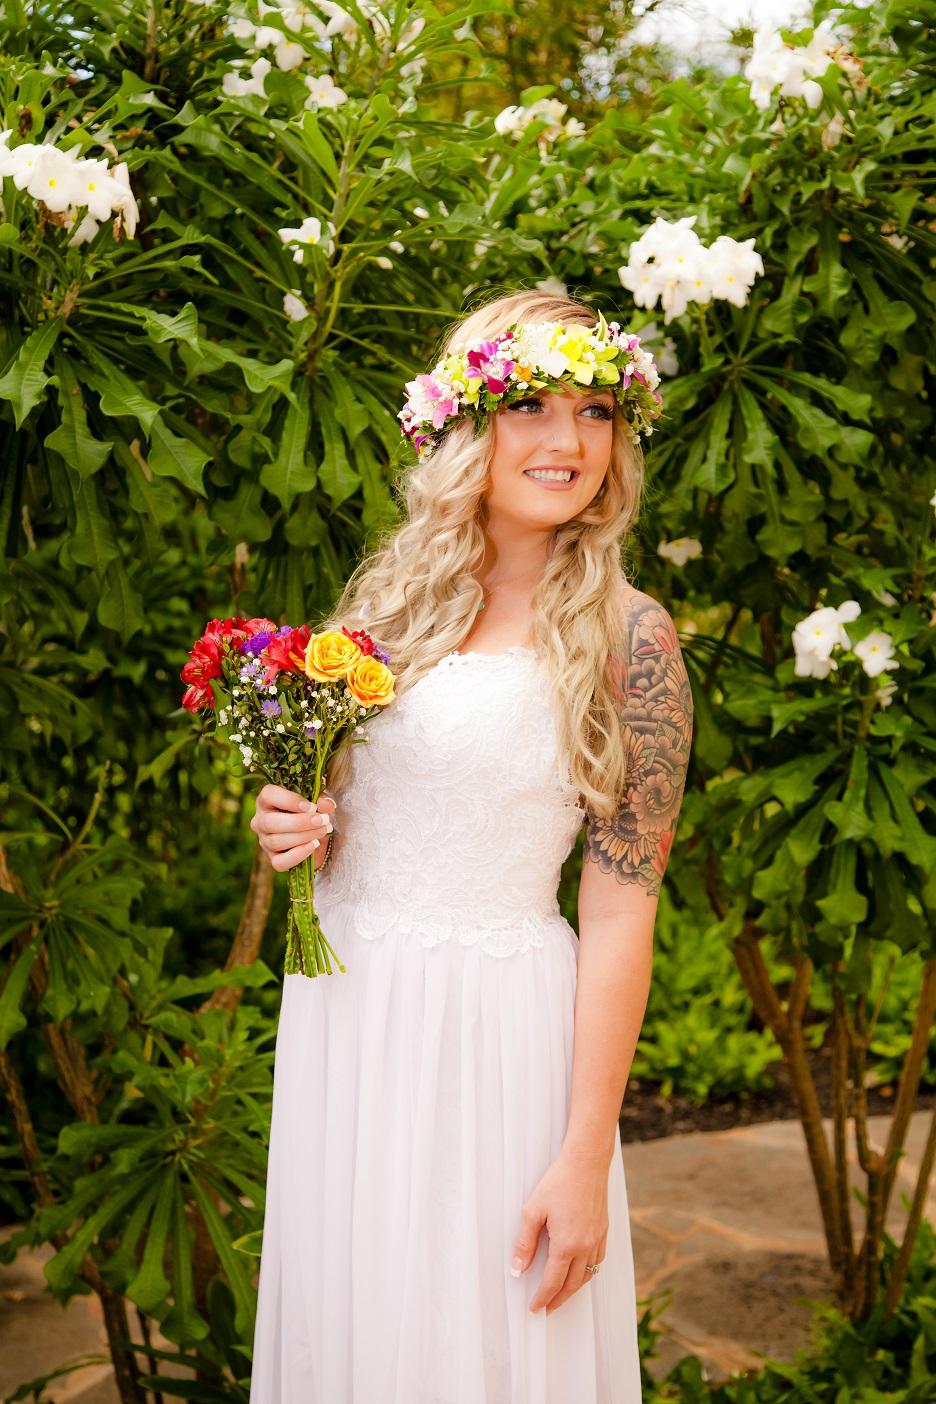 bride and wedding dress flowers in hawaii garden